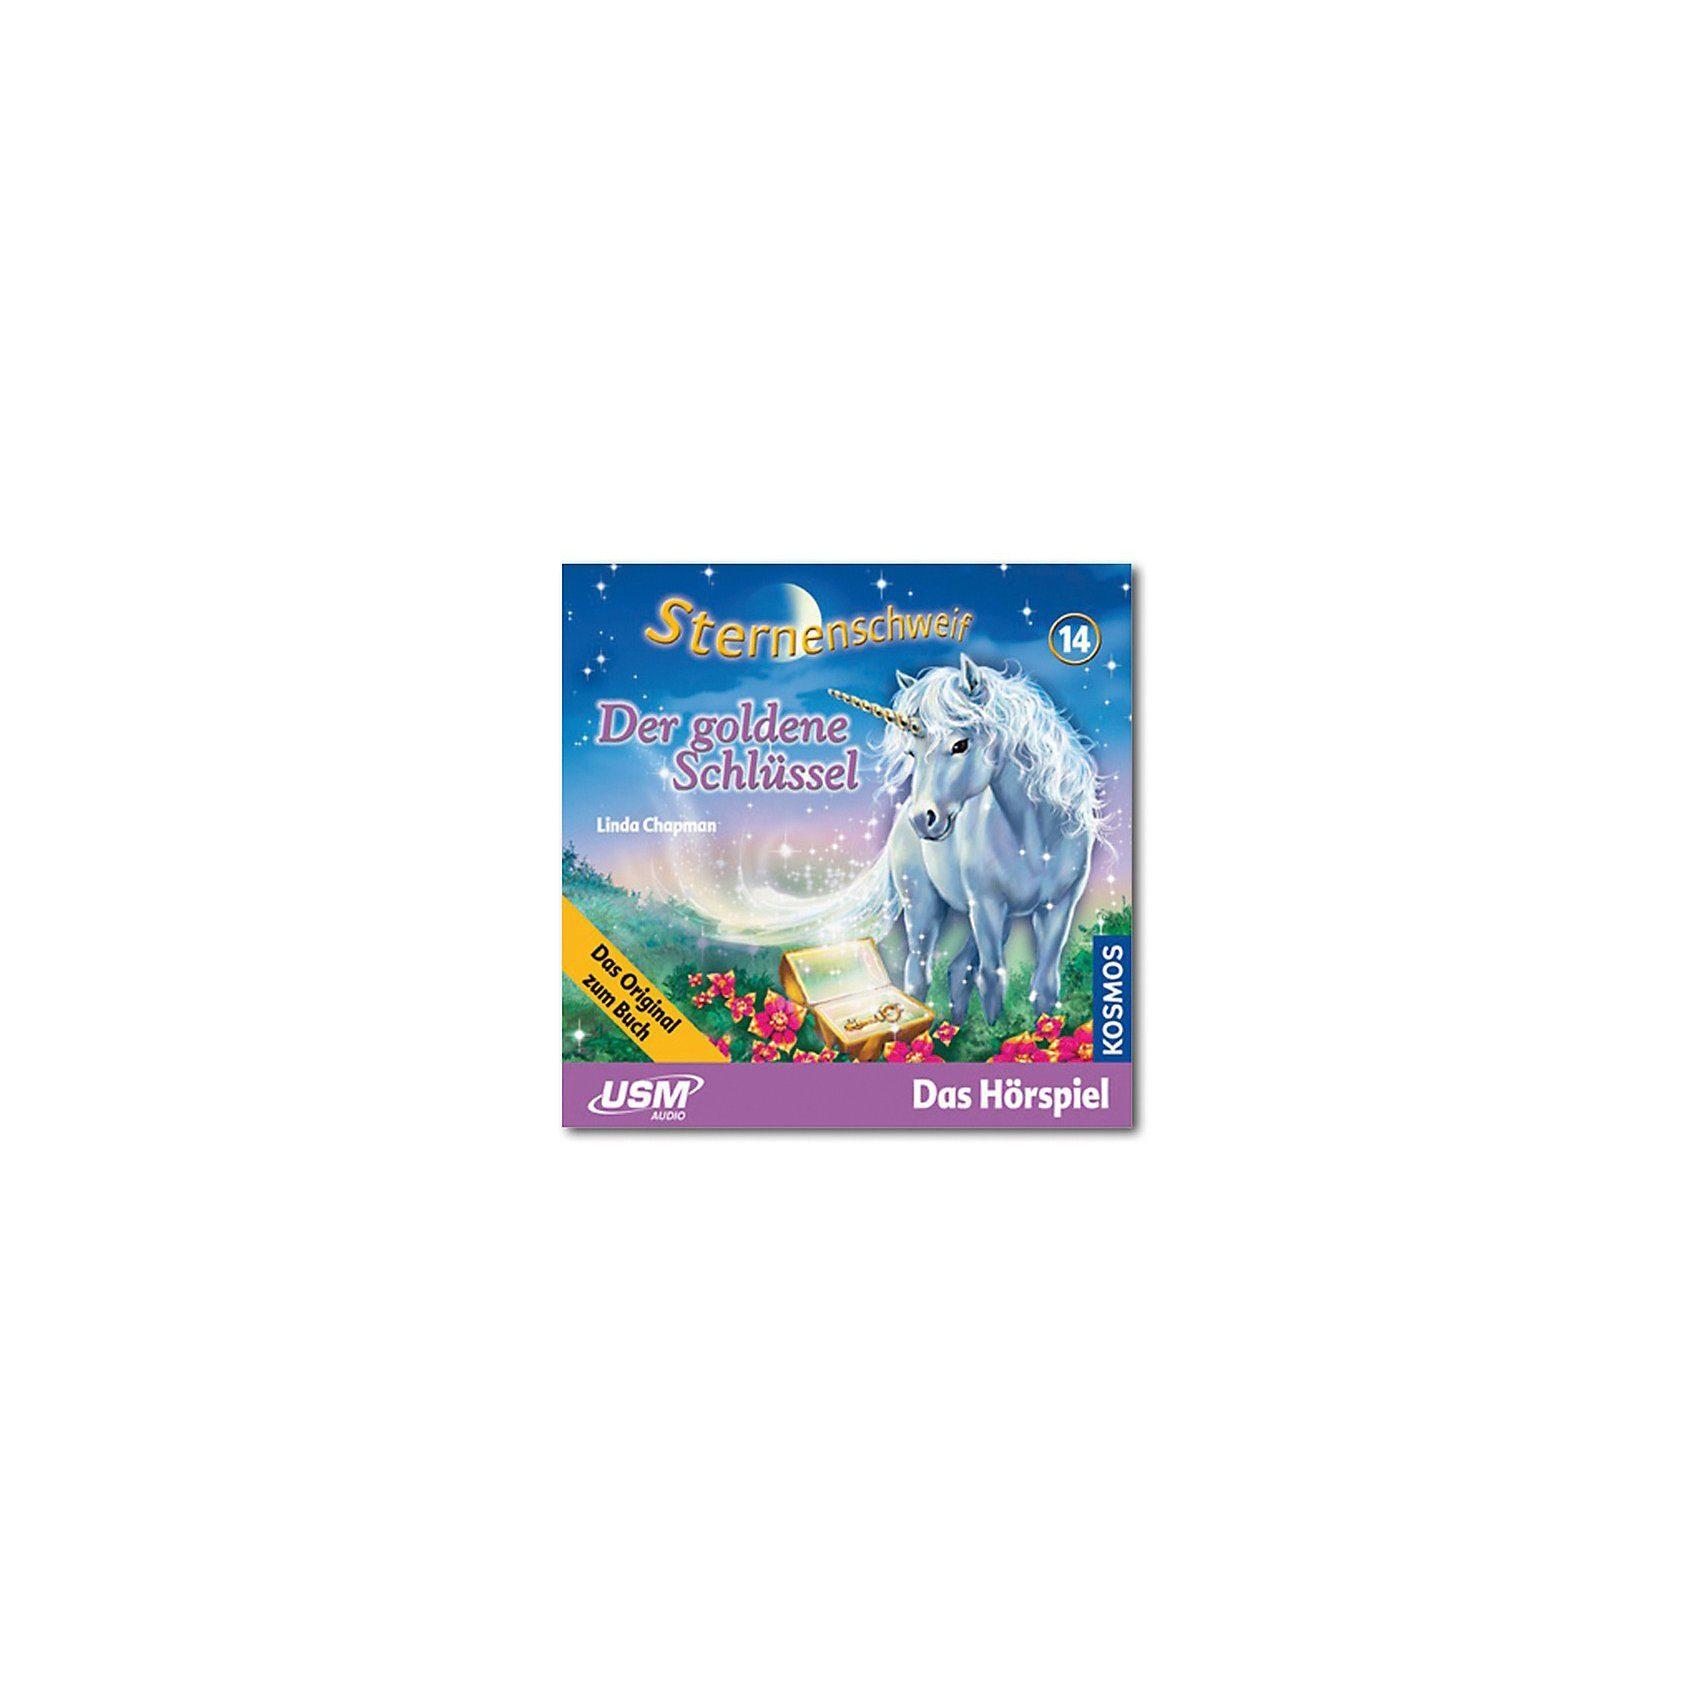 United Soft Media CD Sternenschweif 14 - Der goldene Schlüssel